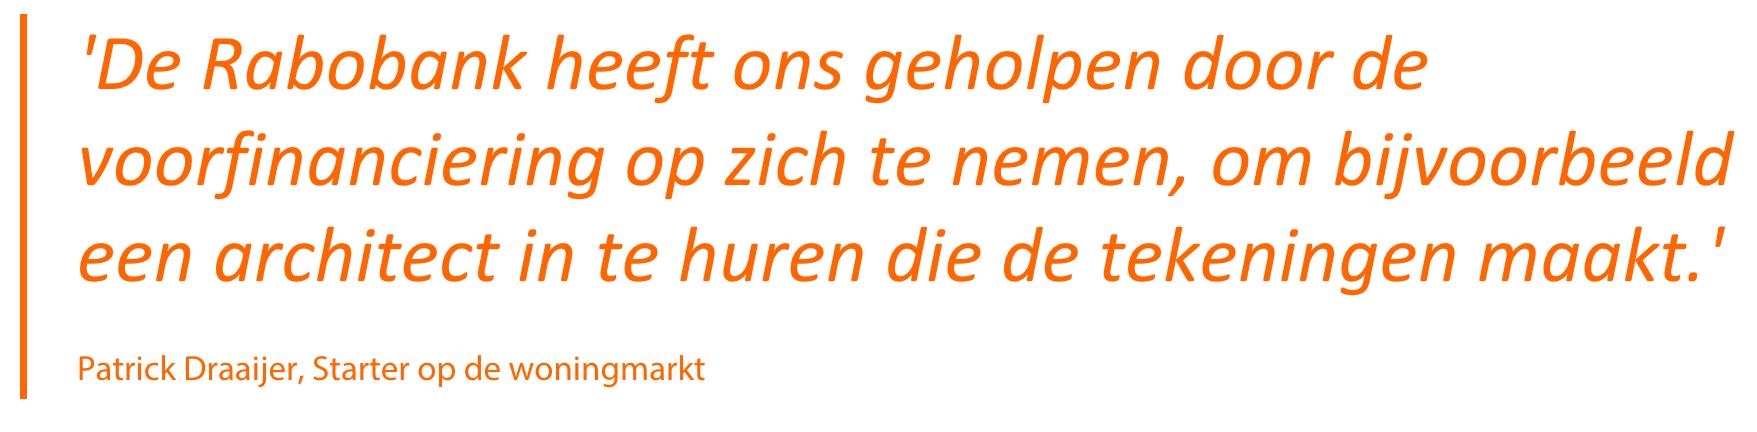 """""""De #Rabobank heeft ons geholpen door de voorfinanciering op zich te nemen, om bijvoorbeeld een #architect in te huren die de tekeningen maakt"""" #Plankostenfonds #Almere #aandeelinelkaar"""